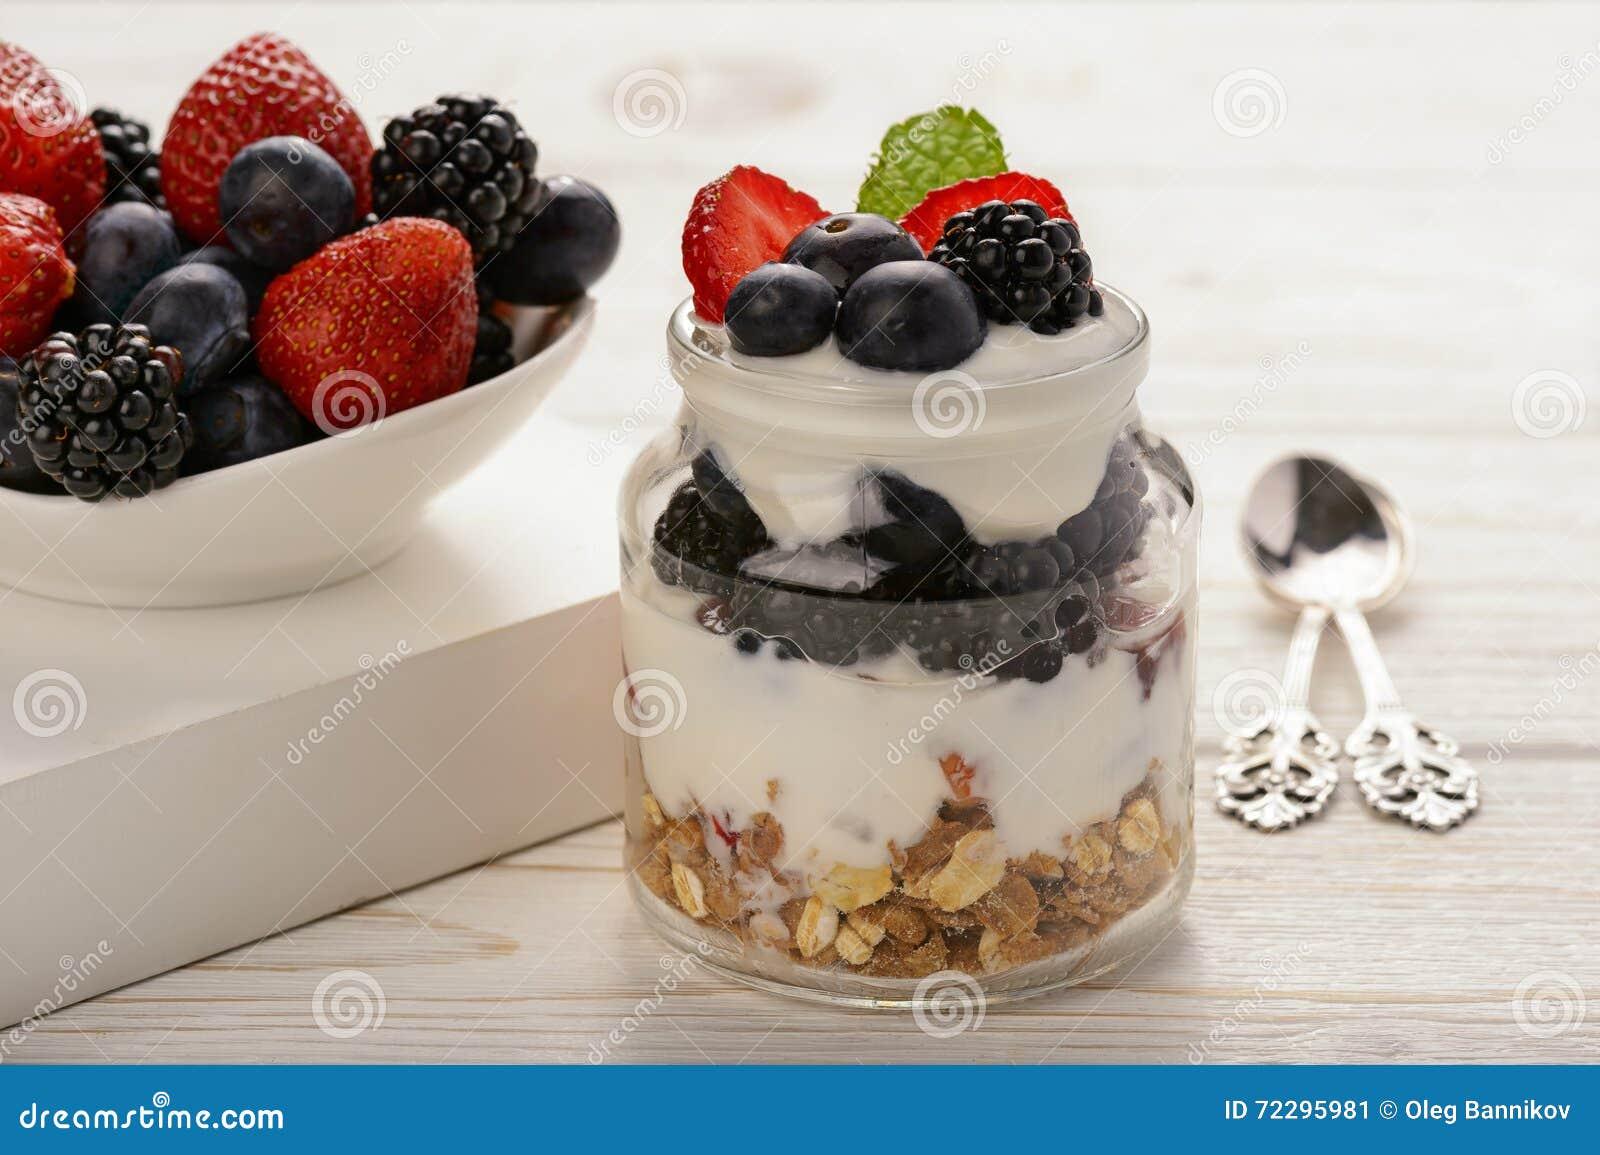 yogurt with strawberry blueberries and muesli stock